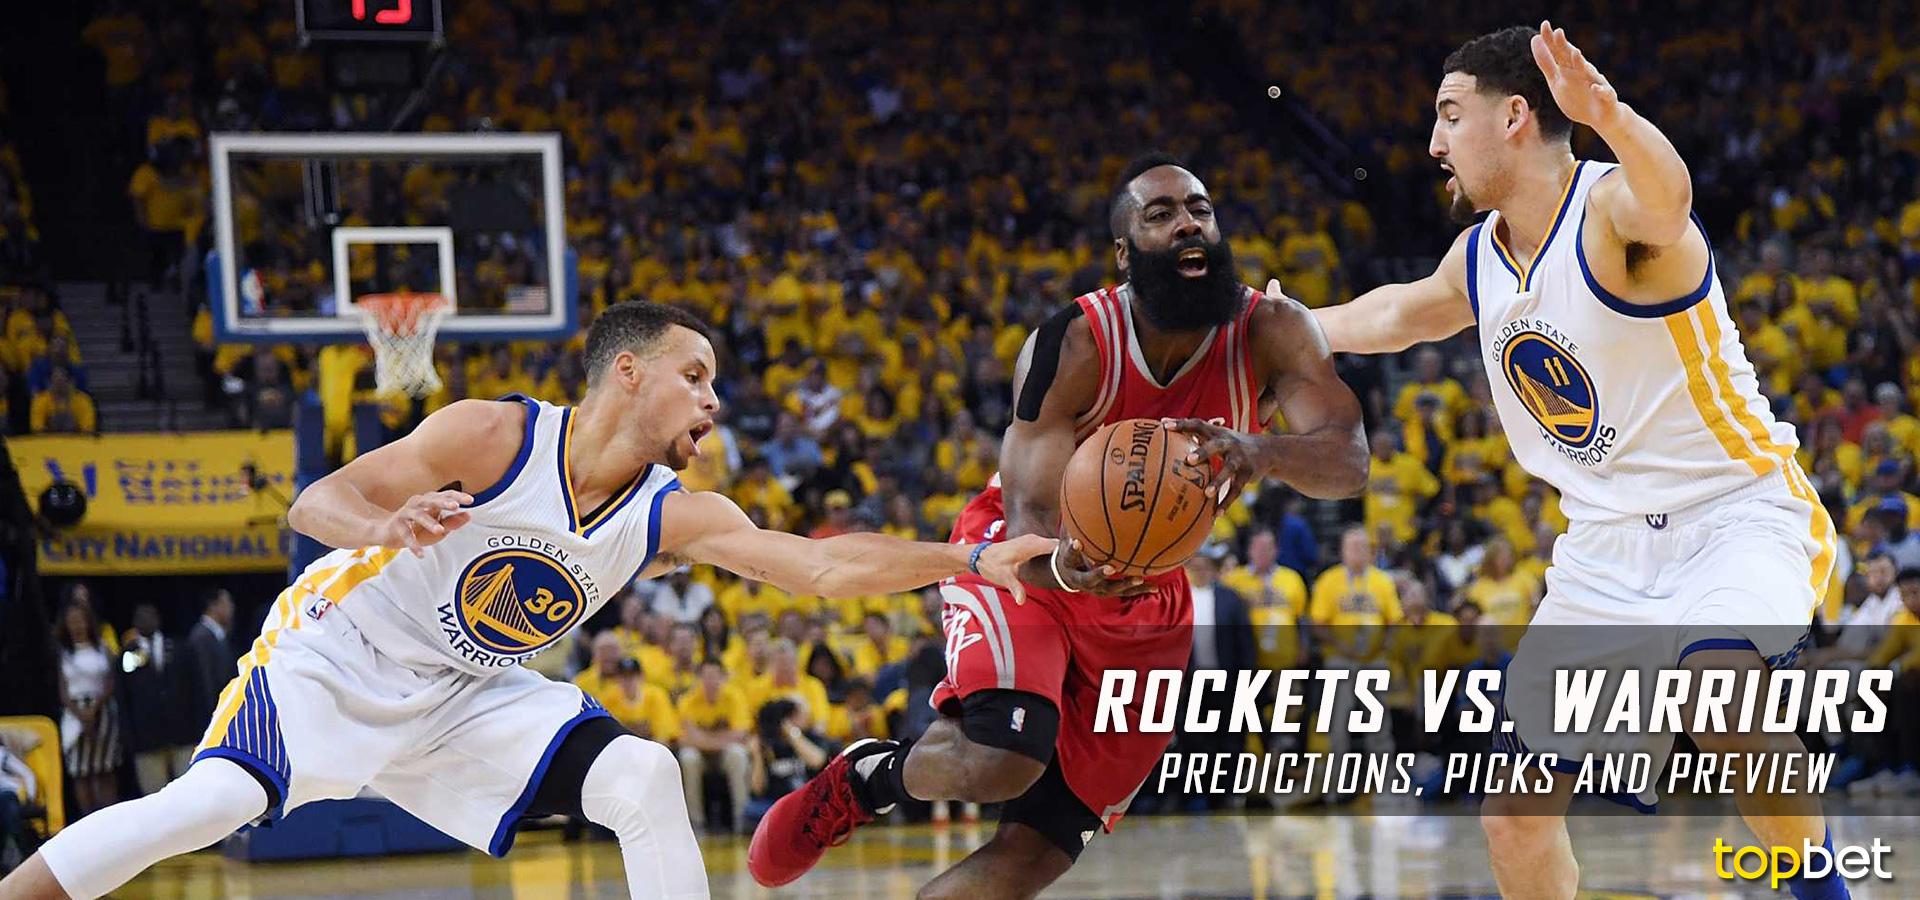 rockets vs warriors - photo #48